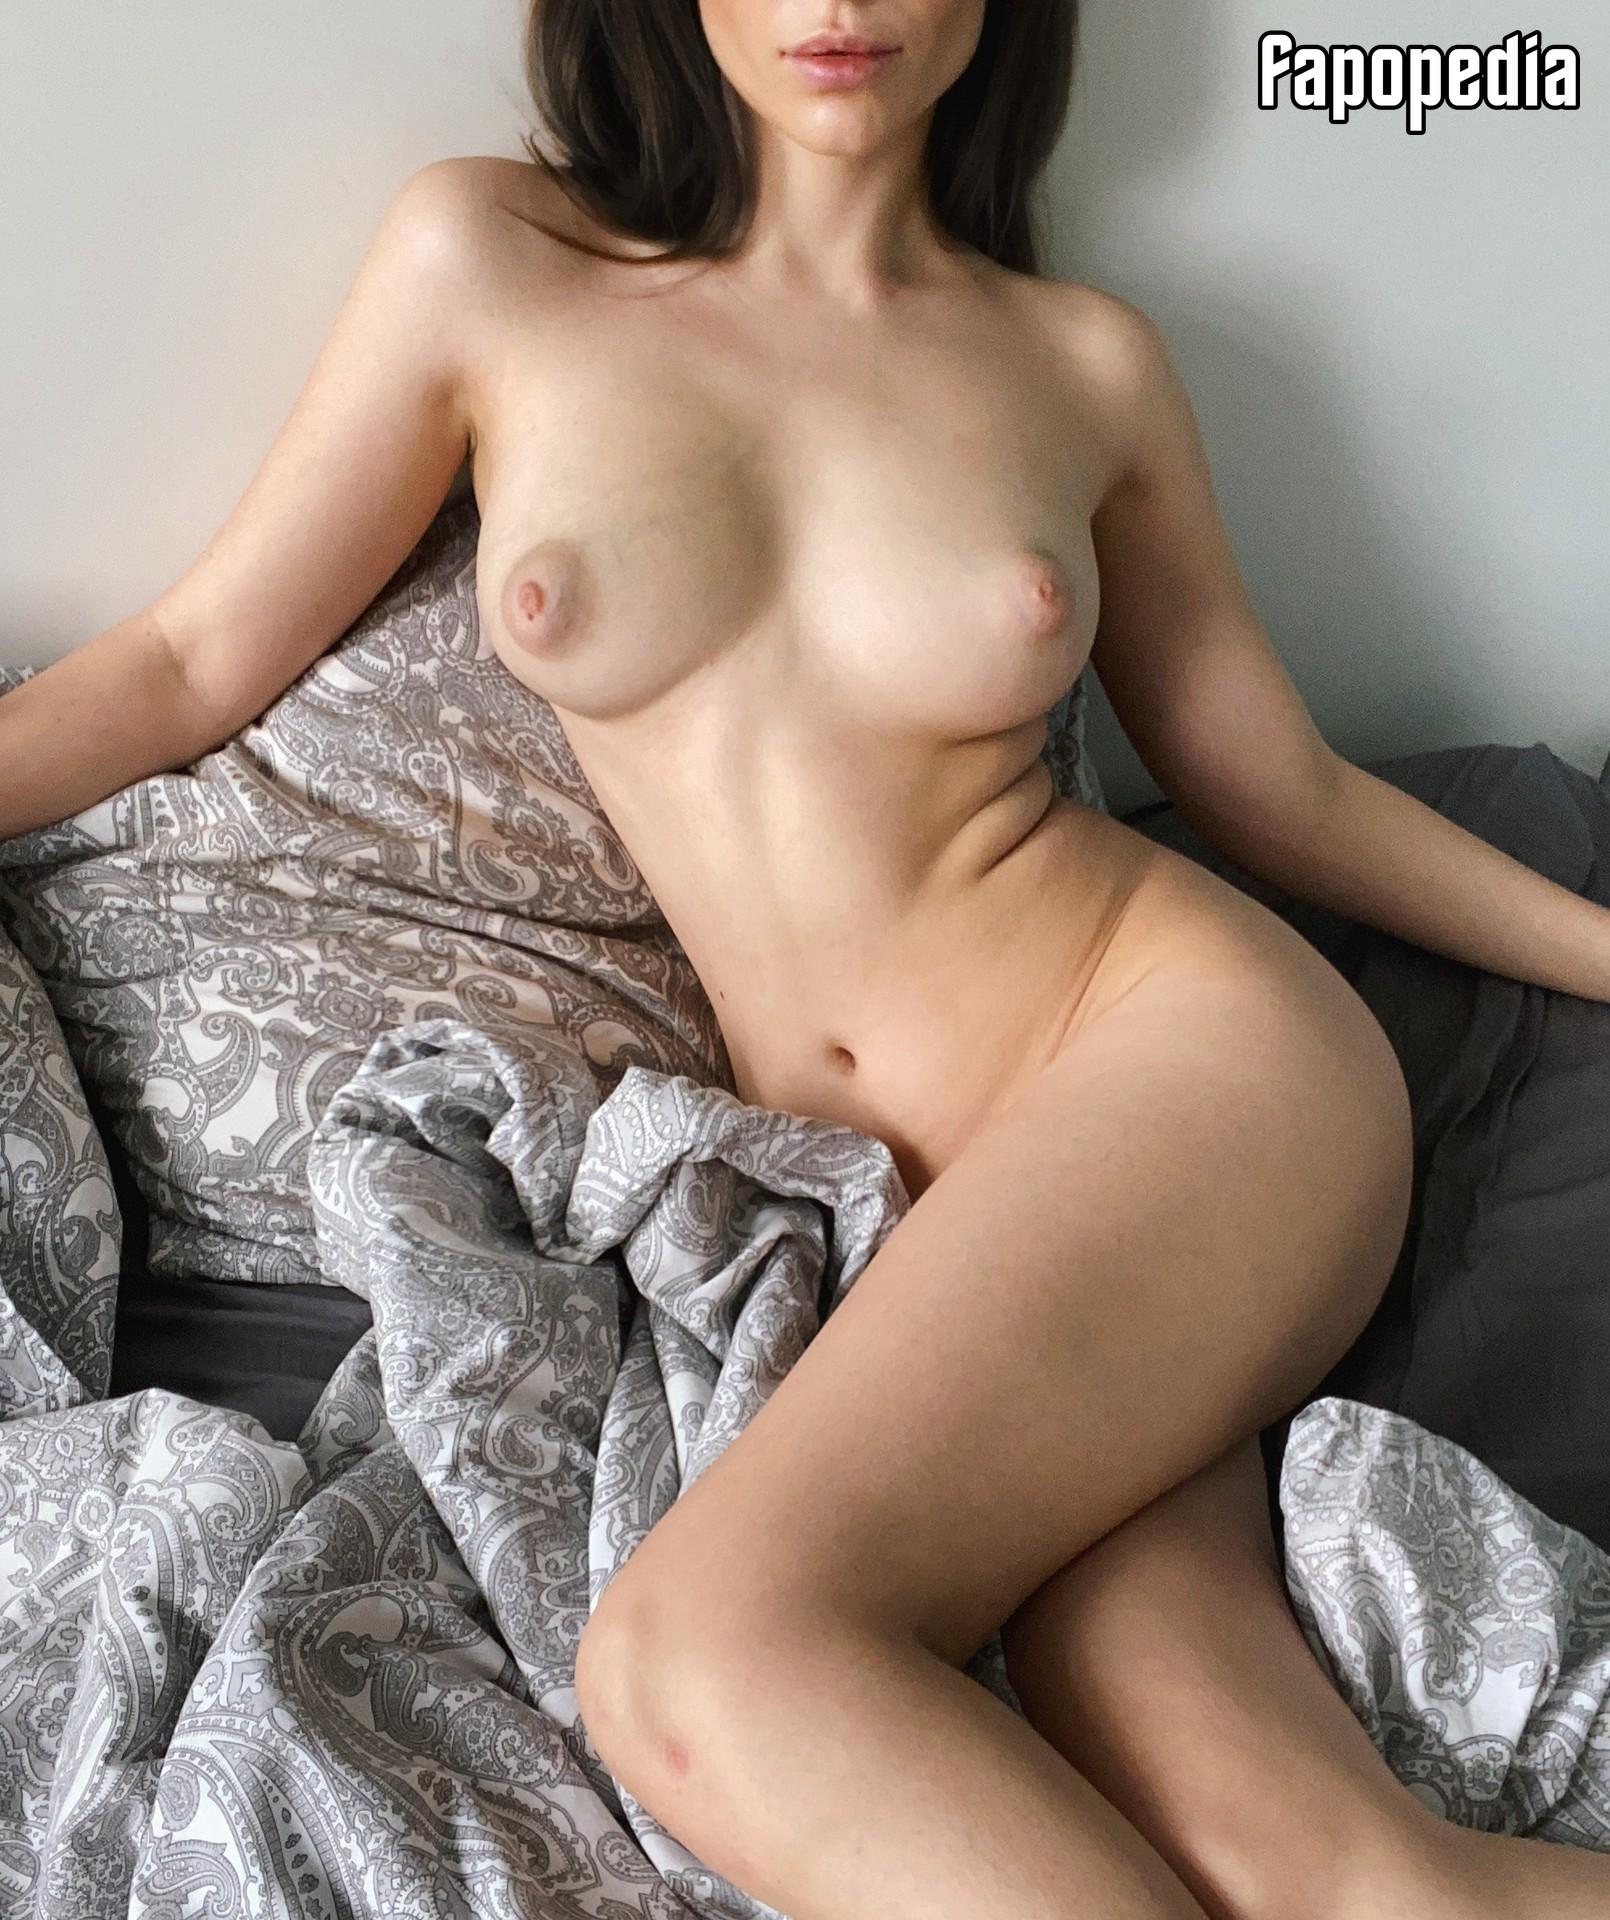 Nevami19 Nude Leaks